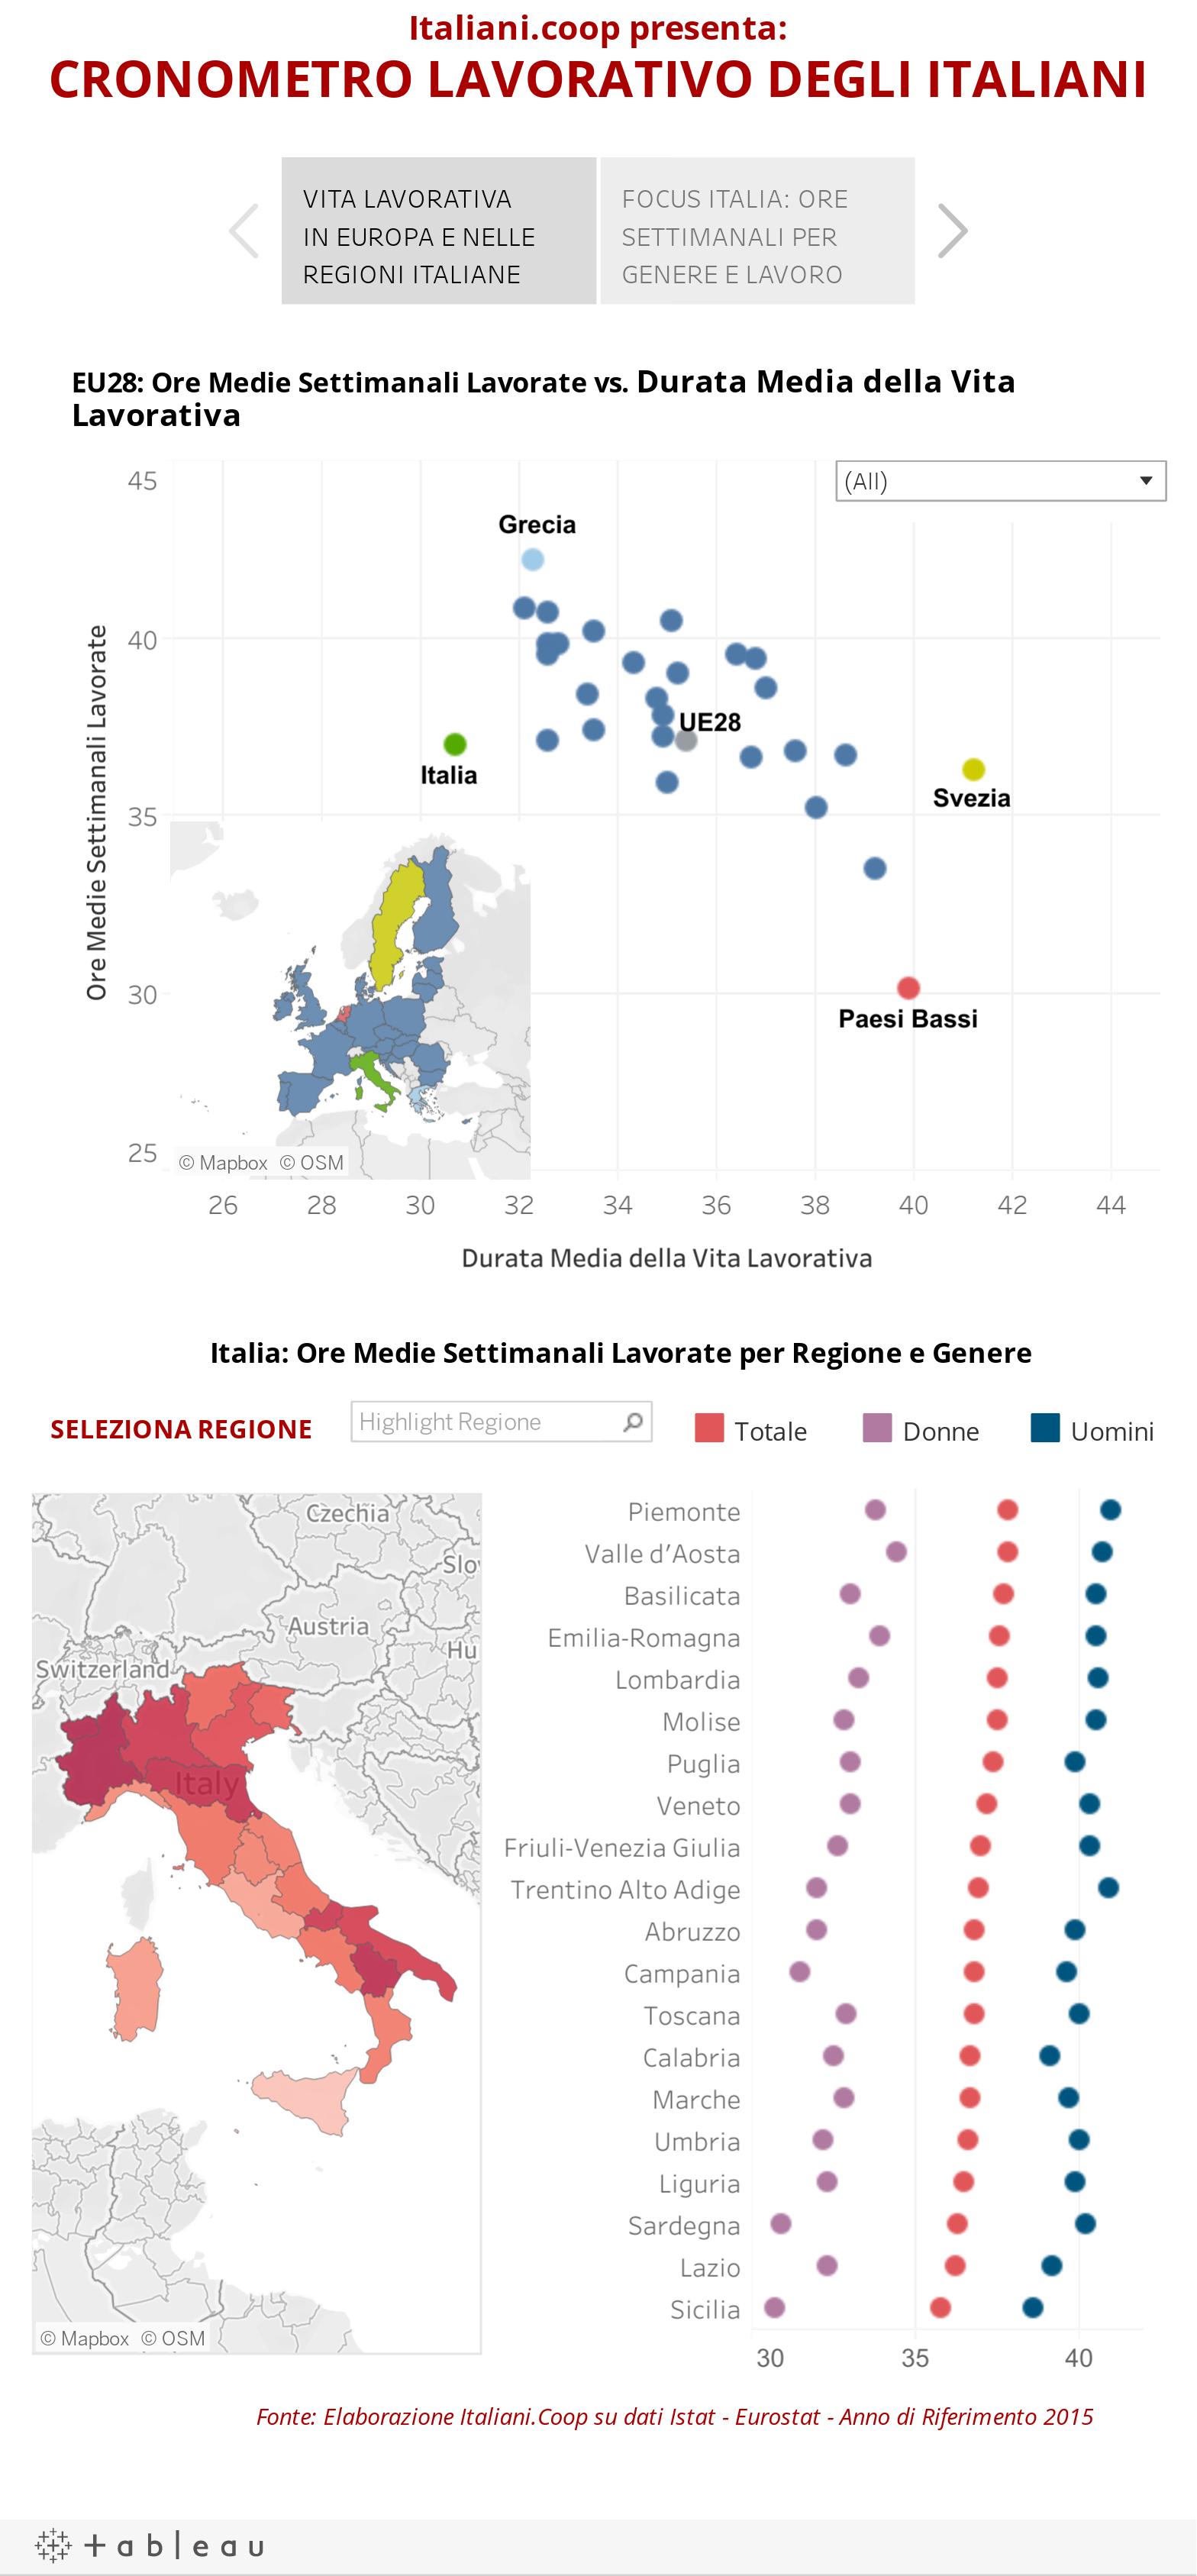 Italiani.coop presenta:CRONOMETRO LAVORATIVO DEGLI ITALIANI